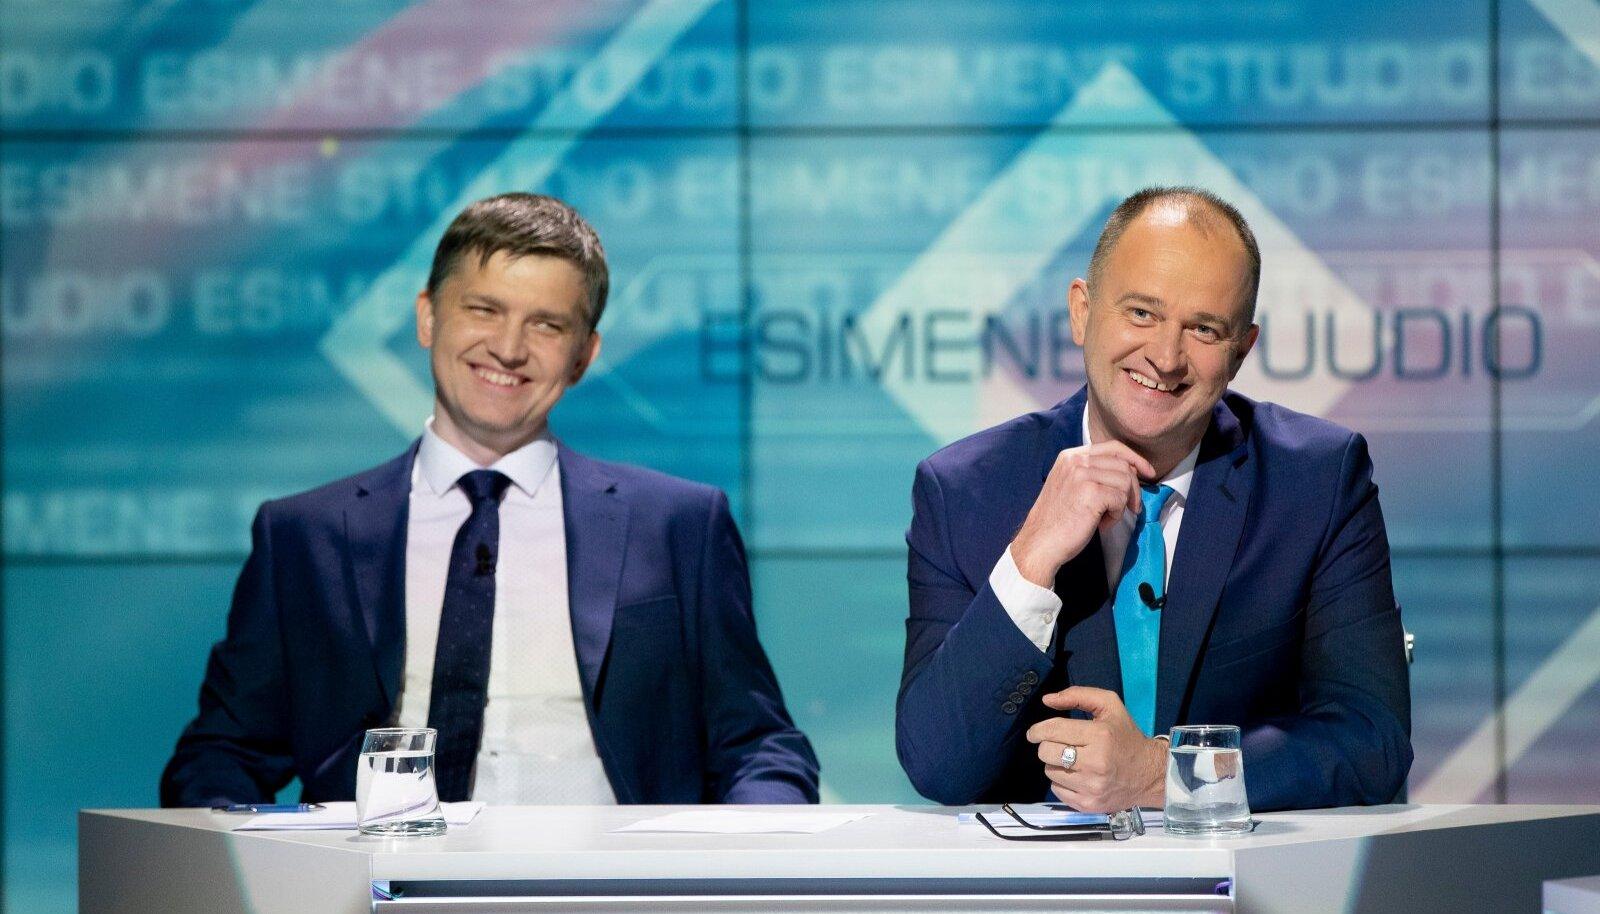 """Televaatajaile on Mirko Ojakivi ja Andres Kuusk silma jäänud eelkõige """"Esimese stuudio"""" saatejuhtidena. Lähinädalal juhivad nad aga ETV valimiseelseid väitlussaateid."""